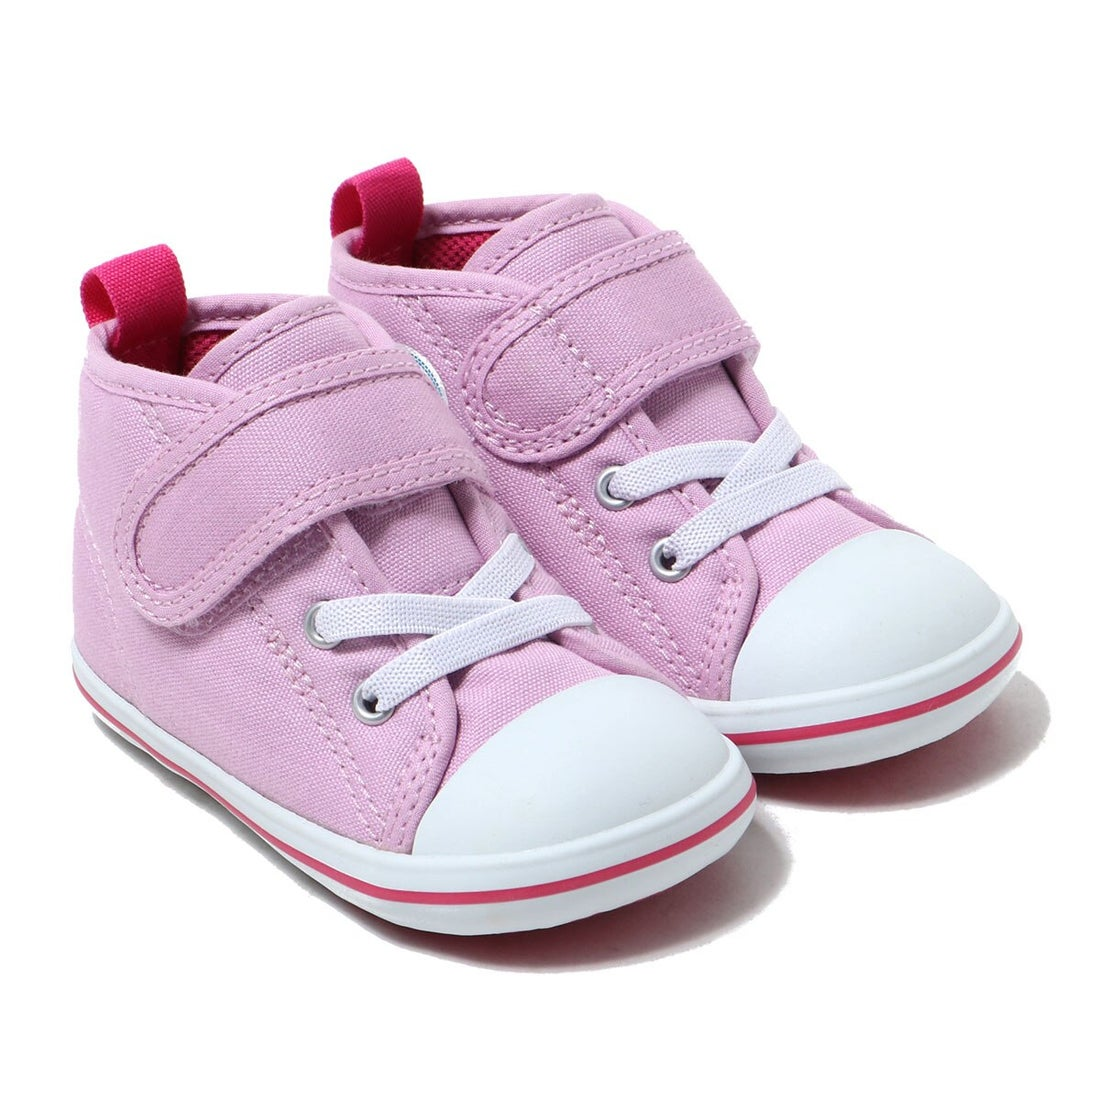 ロコンド 靴とファッションの通販サイトコンバース CONVERSE CONVERSE BABY ALL STAR N NEONACCENT V-1 (LIGHTPURPLE)